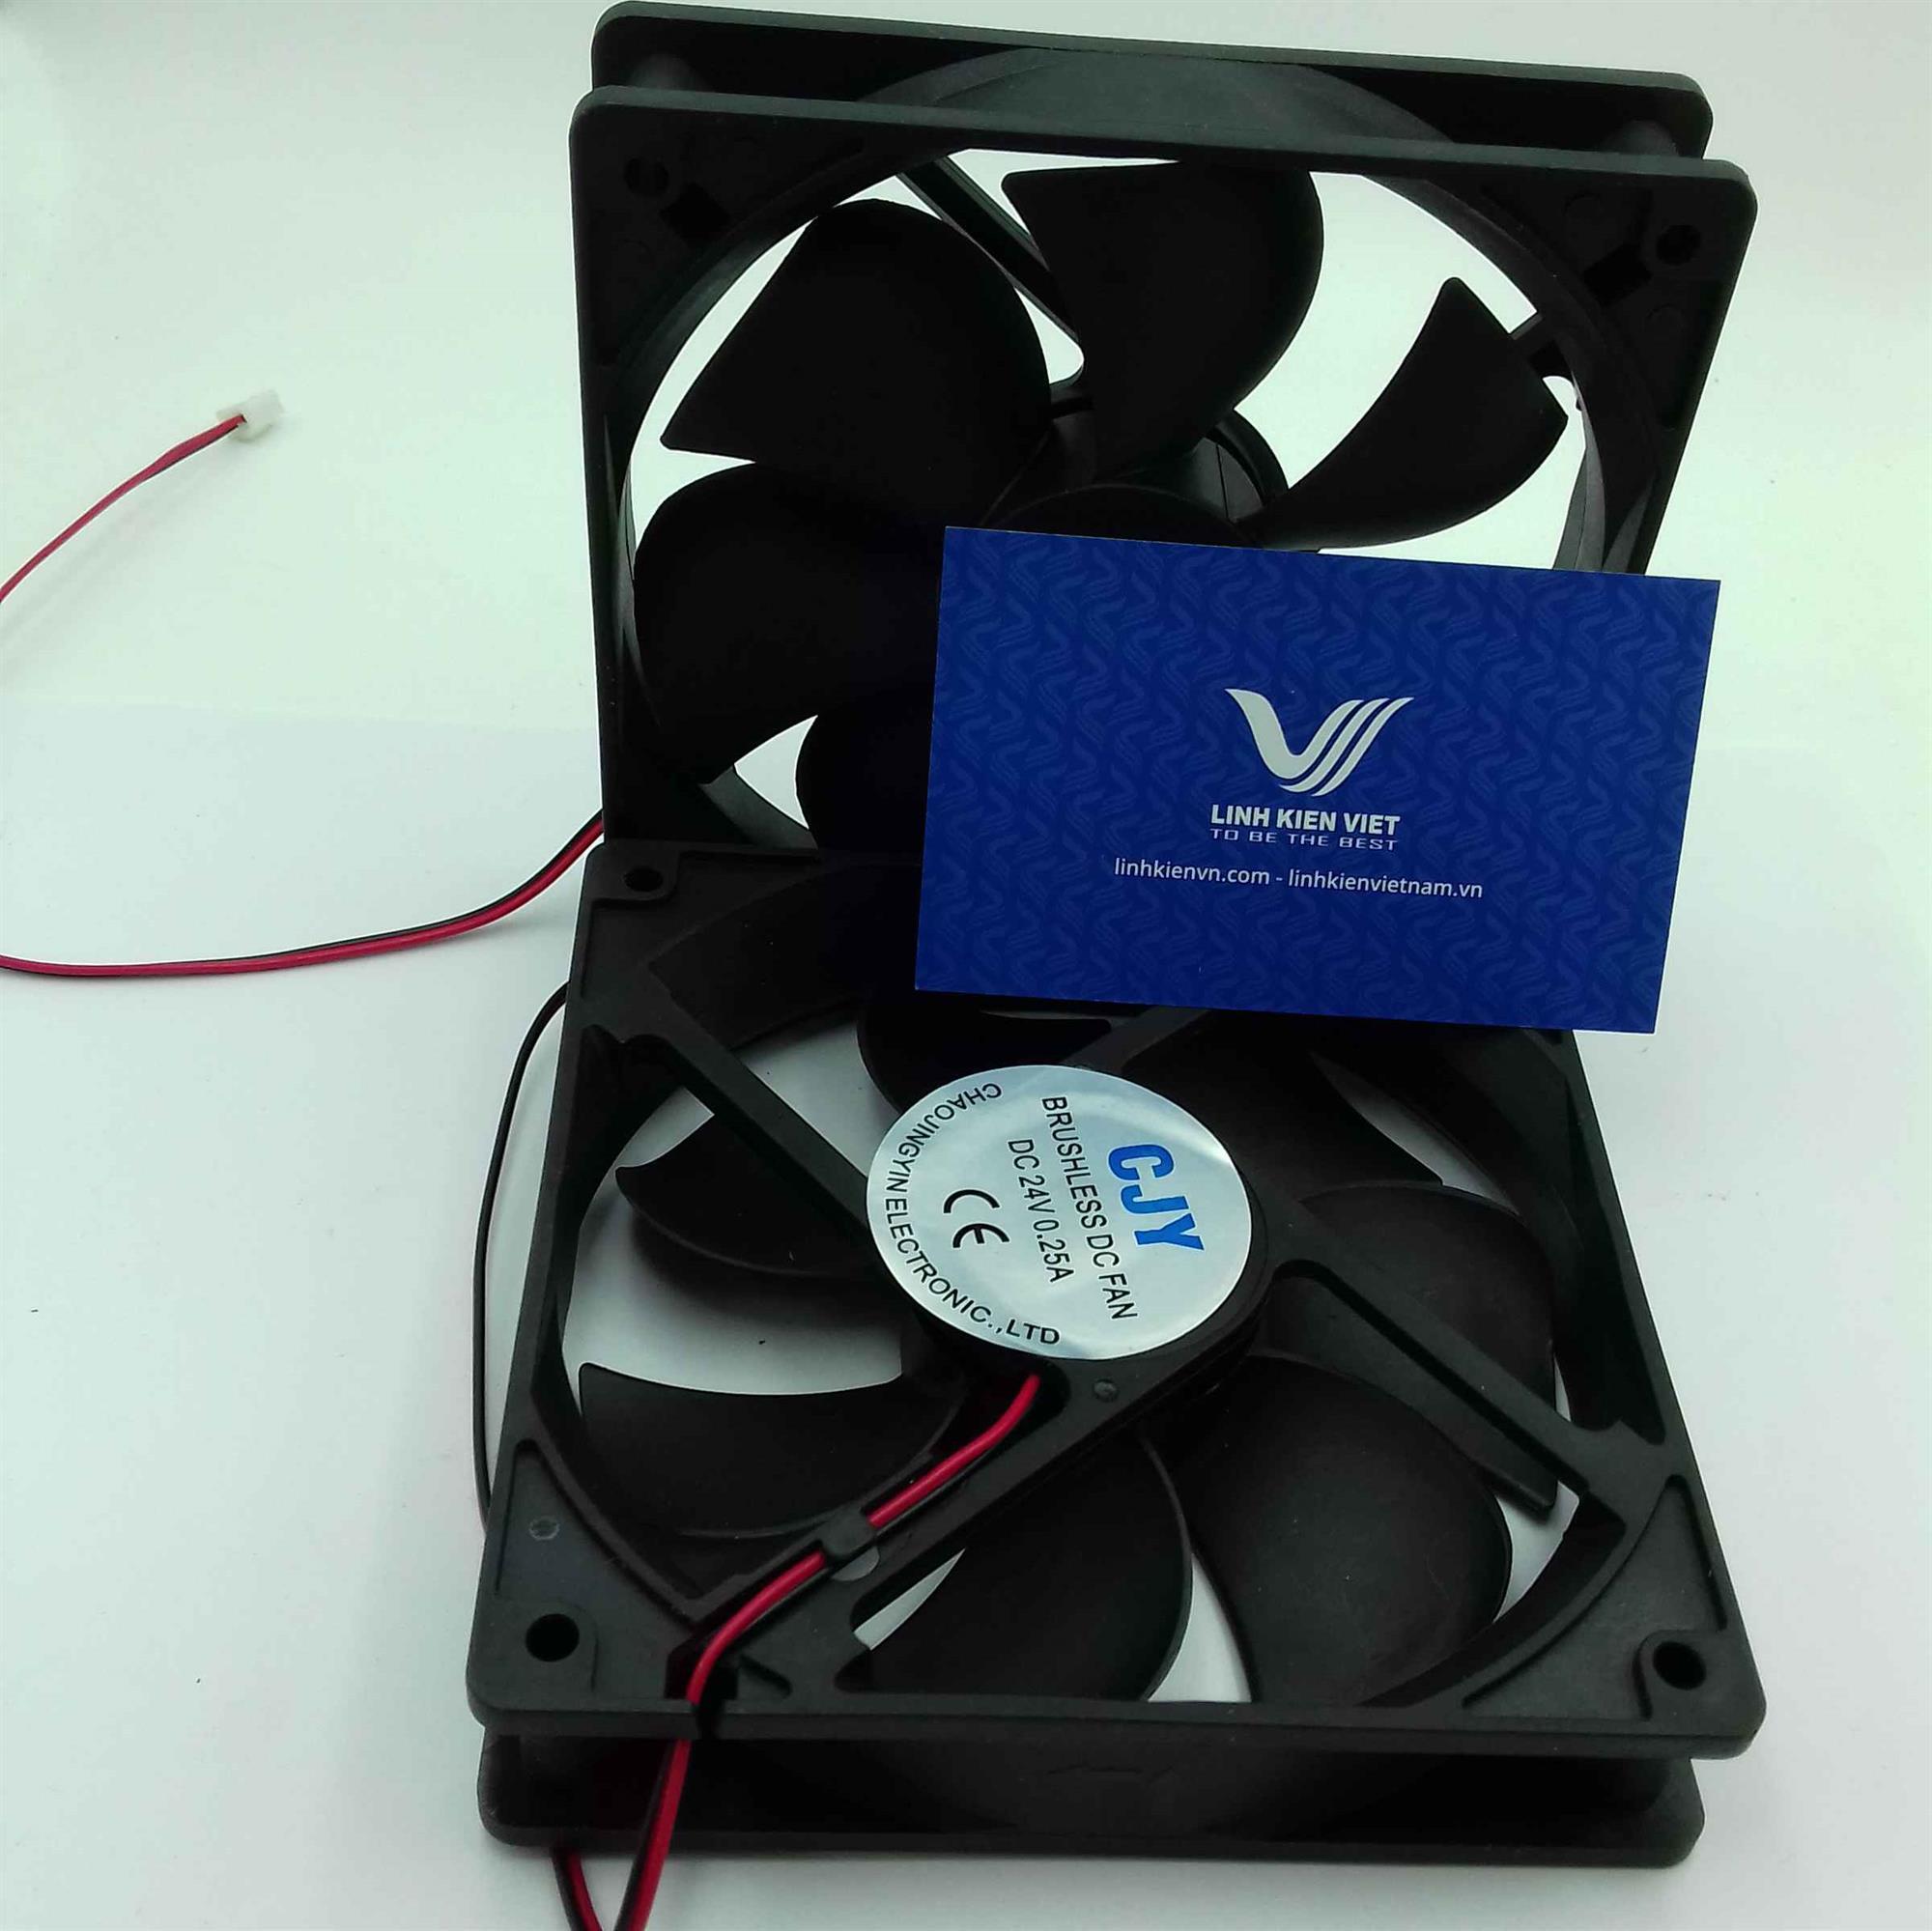 Quạt tản nhiệt 24V 12cm x 12cm / Quạt tản nhiệt 12025 24V 12x12x2.5cm / Quạt Fan 12025